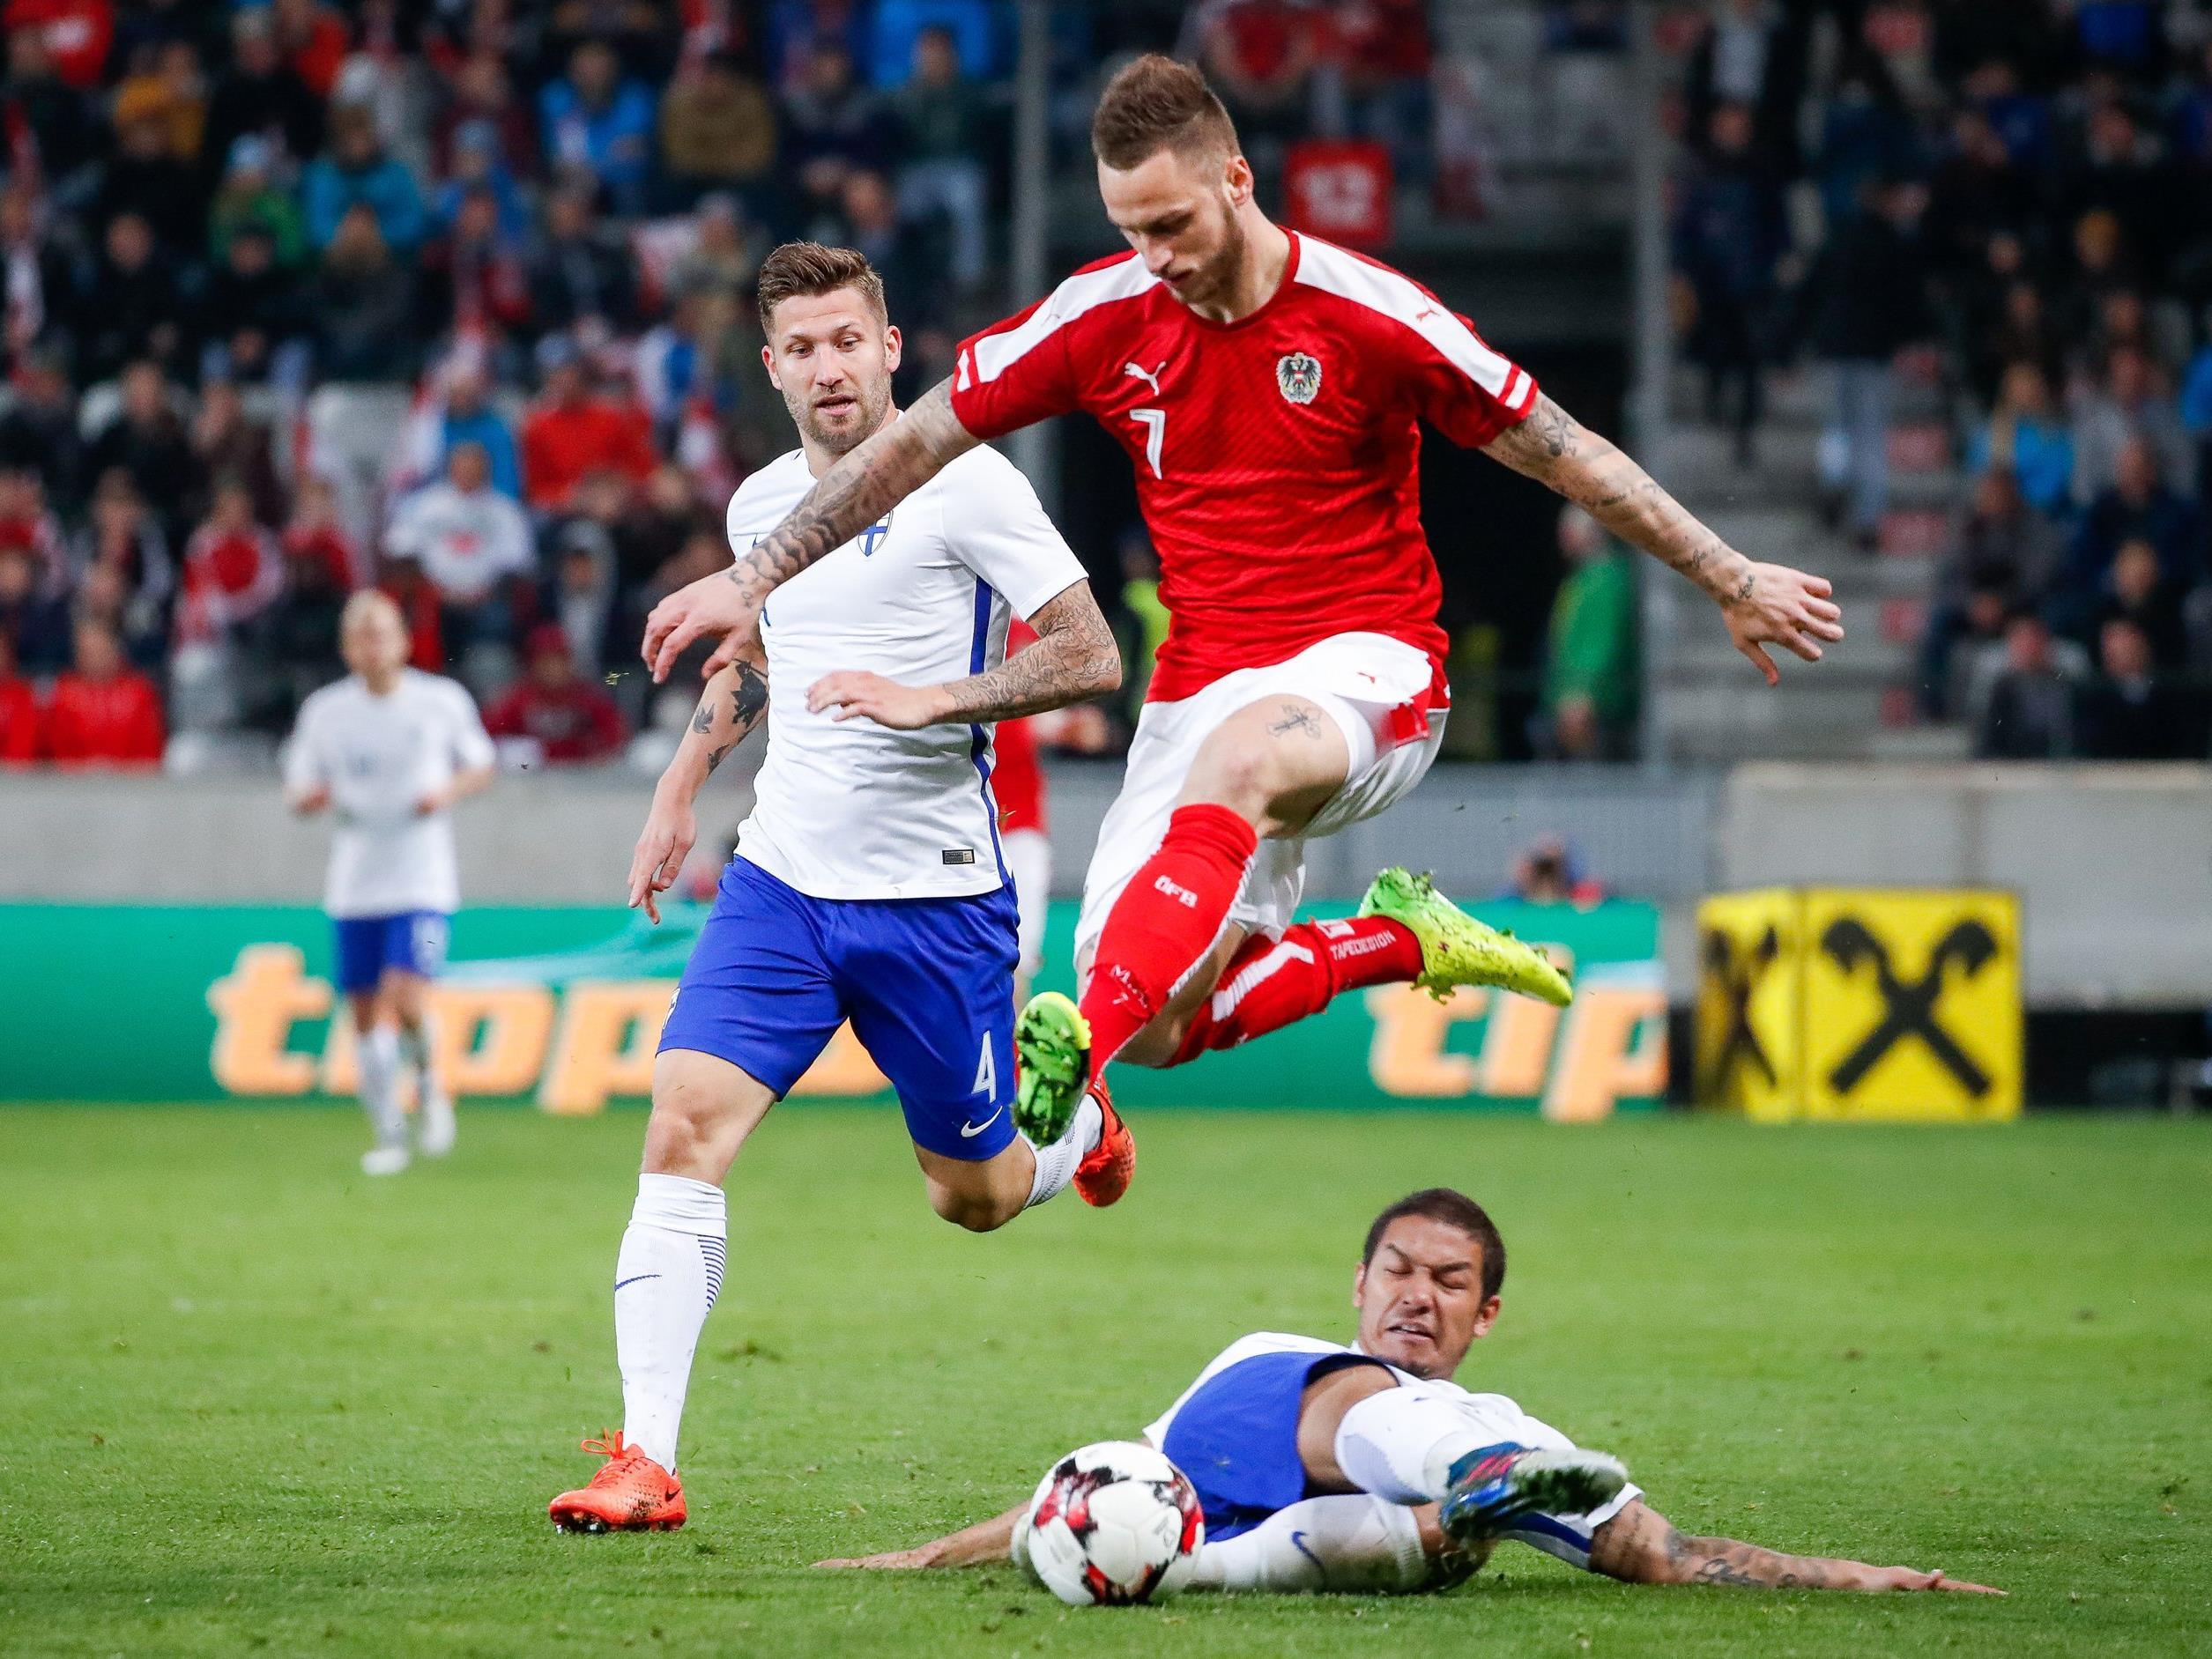 Österreich und Finnland trennten sich im Länderspiel mit 1:1.